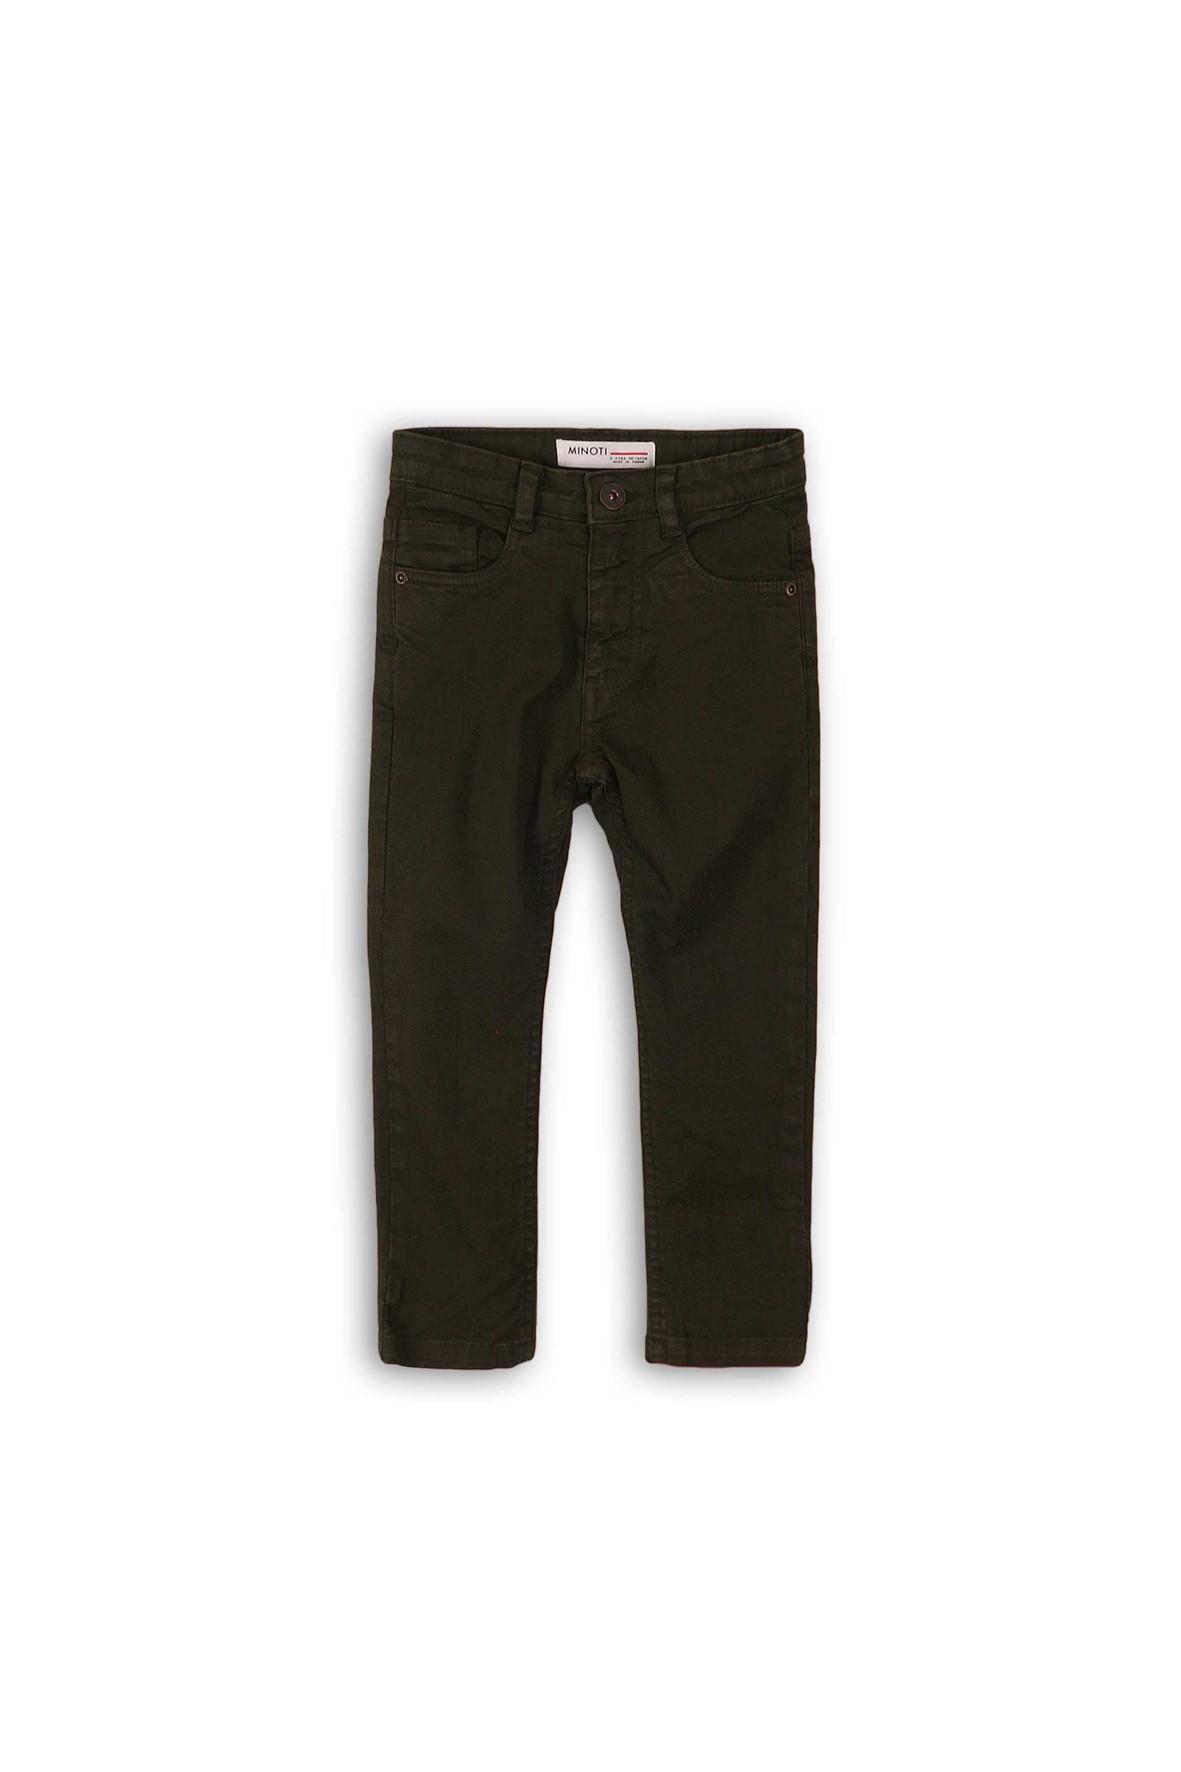 Spodnie chłopięce o klasycznym kroju - brązowe